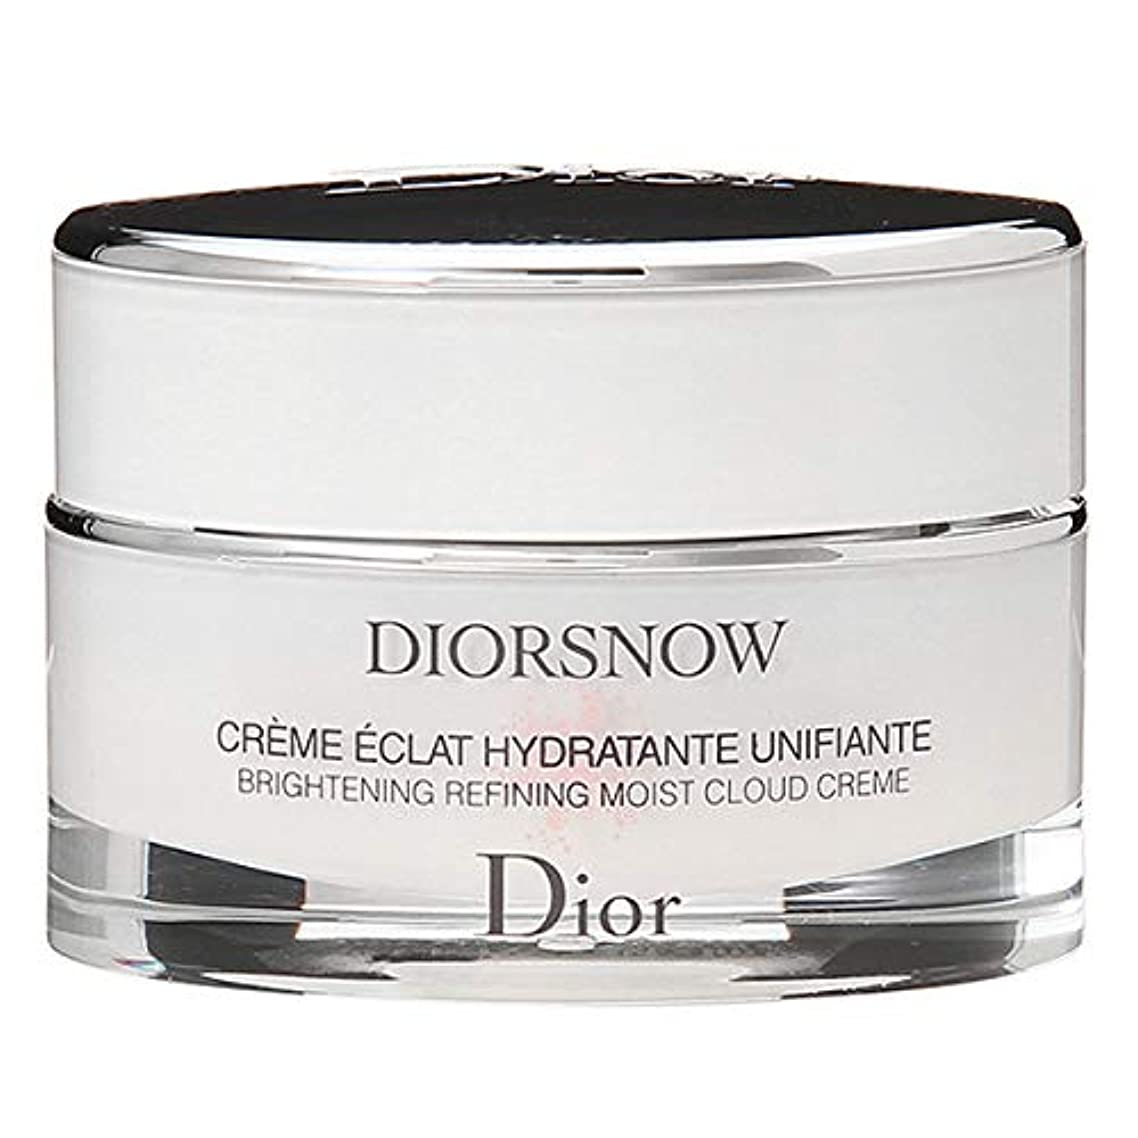 珍味マオリ棚クリスチャンディオール Christian Dior ディオール スノー ブライトニング モイスト クリーム 50mL 【並行輸入品】